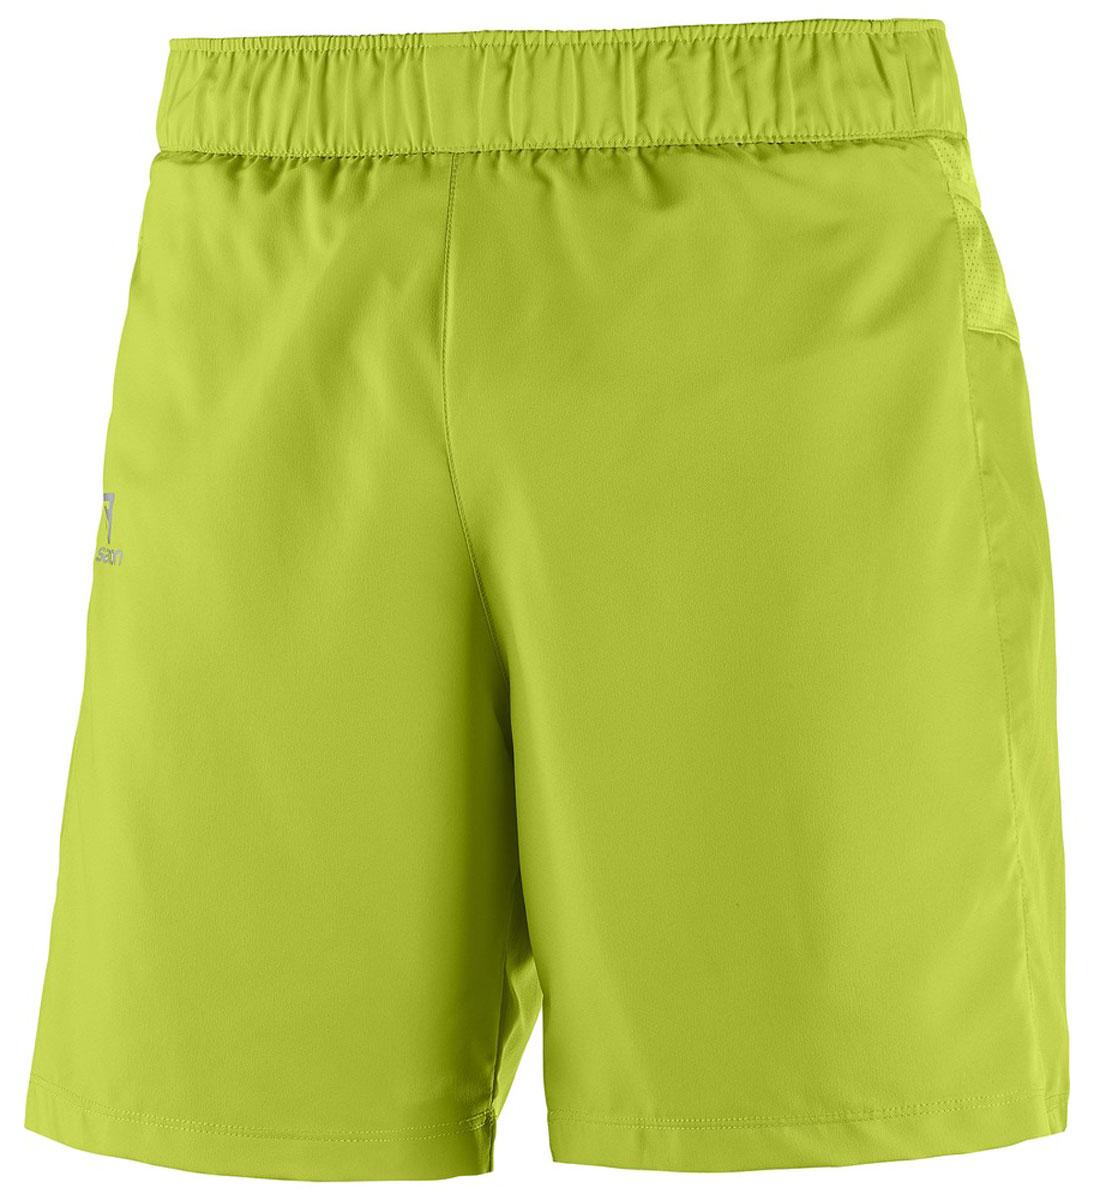 L39385800Свободные легкие беговые шорты для мужчин Trail Runner с удобными карманами в задней части пояса идеально подходят для занятий различными видами спорта в любое время года.